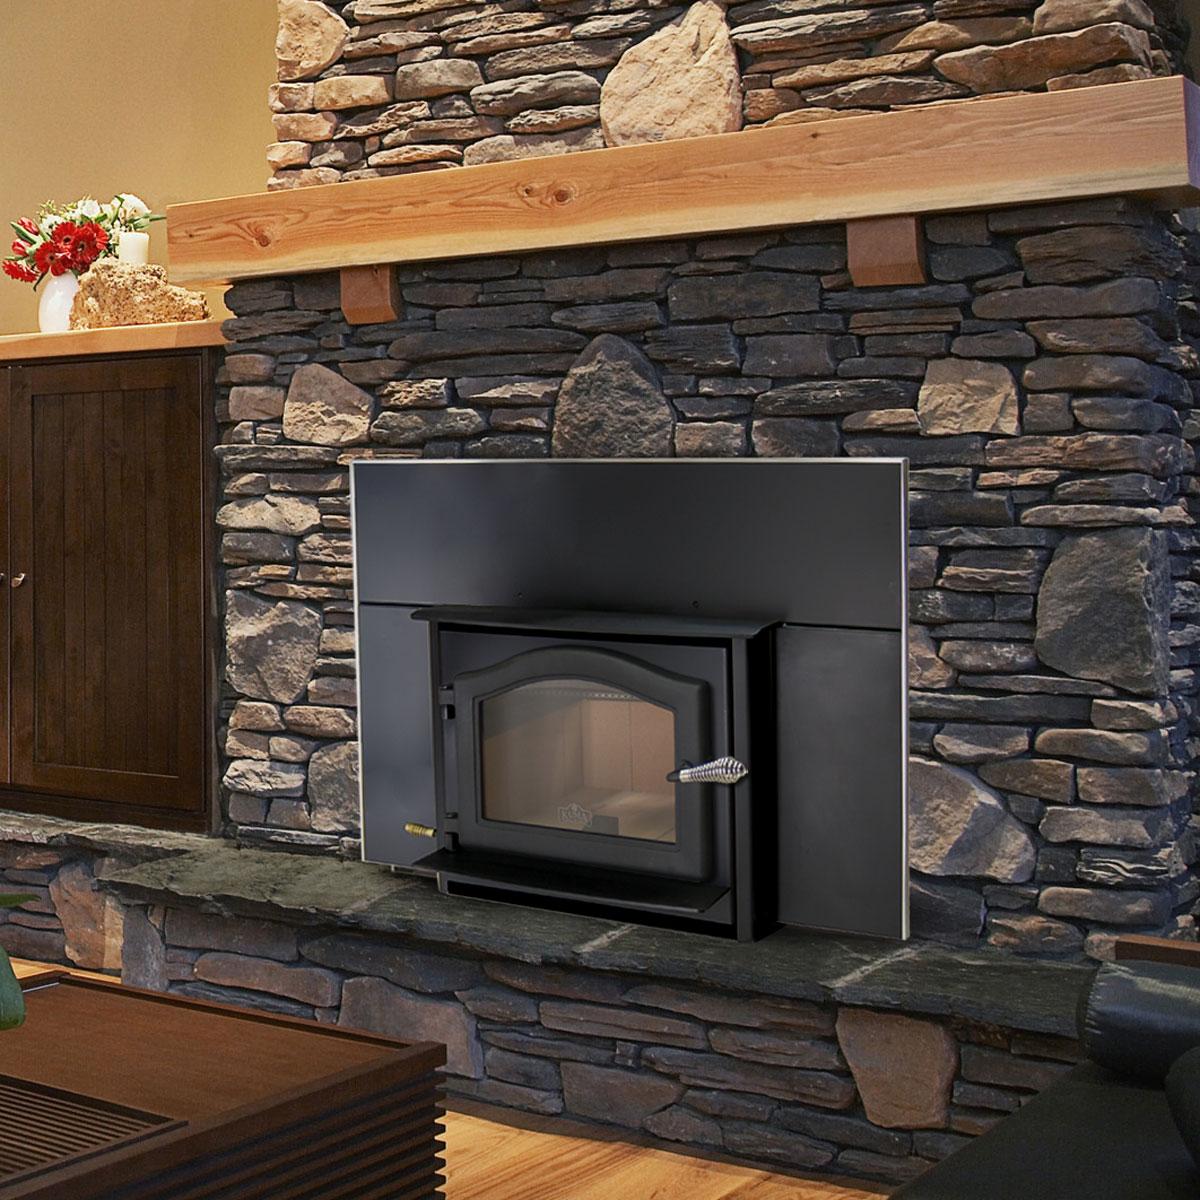 Ashwood Fireplace Insert Wood Stove Insert by Kuma Stoves